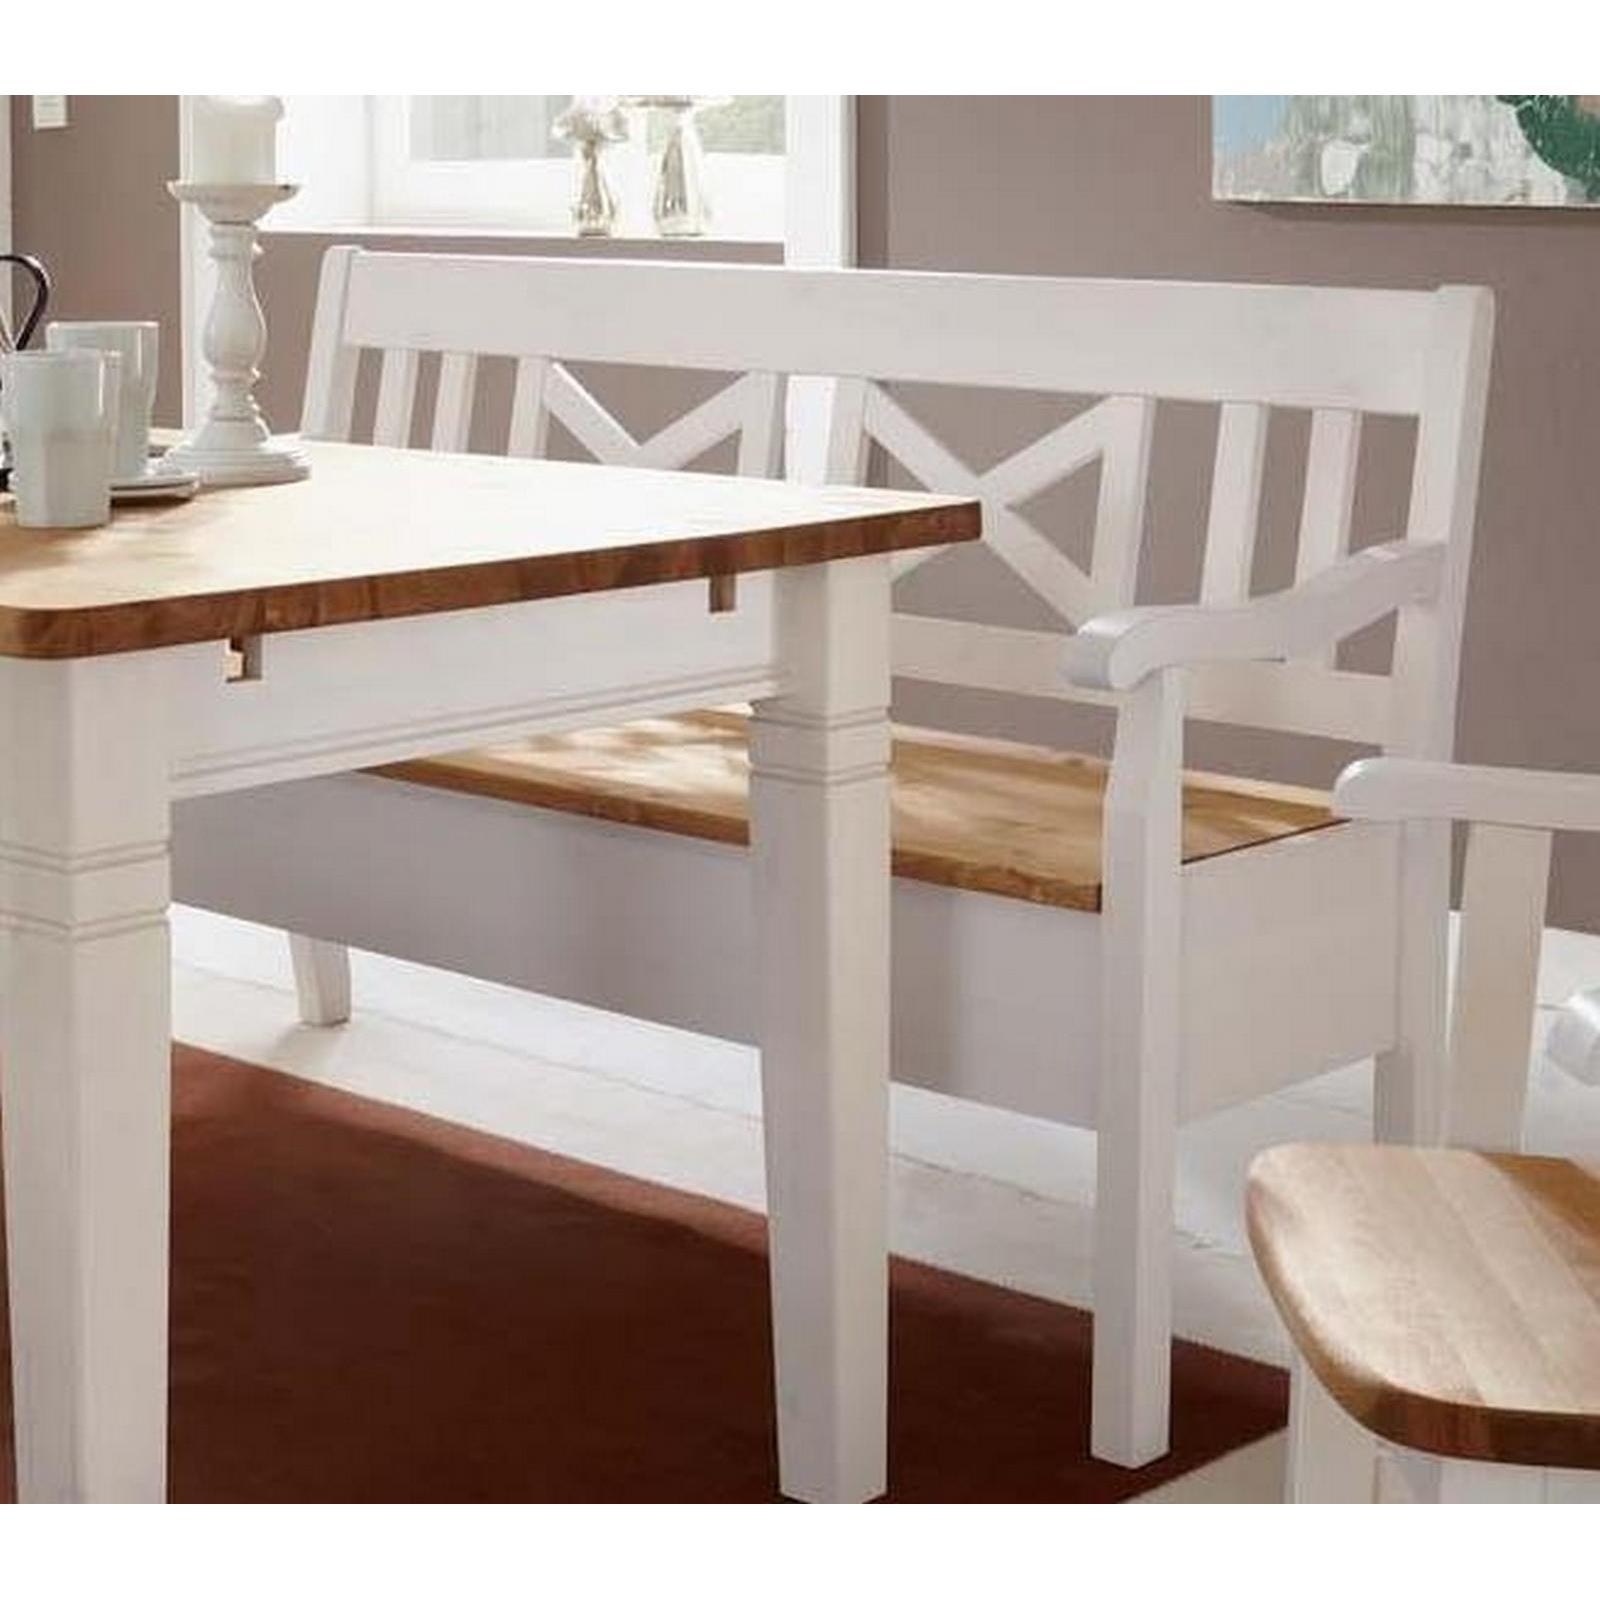 Full Size of Sitzgruppe Esszimmer Mit Bank Küche Ikea Kosten Betten 160x200 Modulküche Bei Miniküche Kaufen Sofa Schlaffunktion Wohnzimmer Ikea Küchenbank